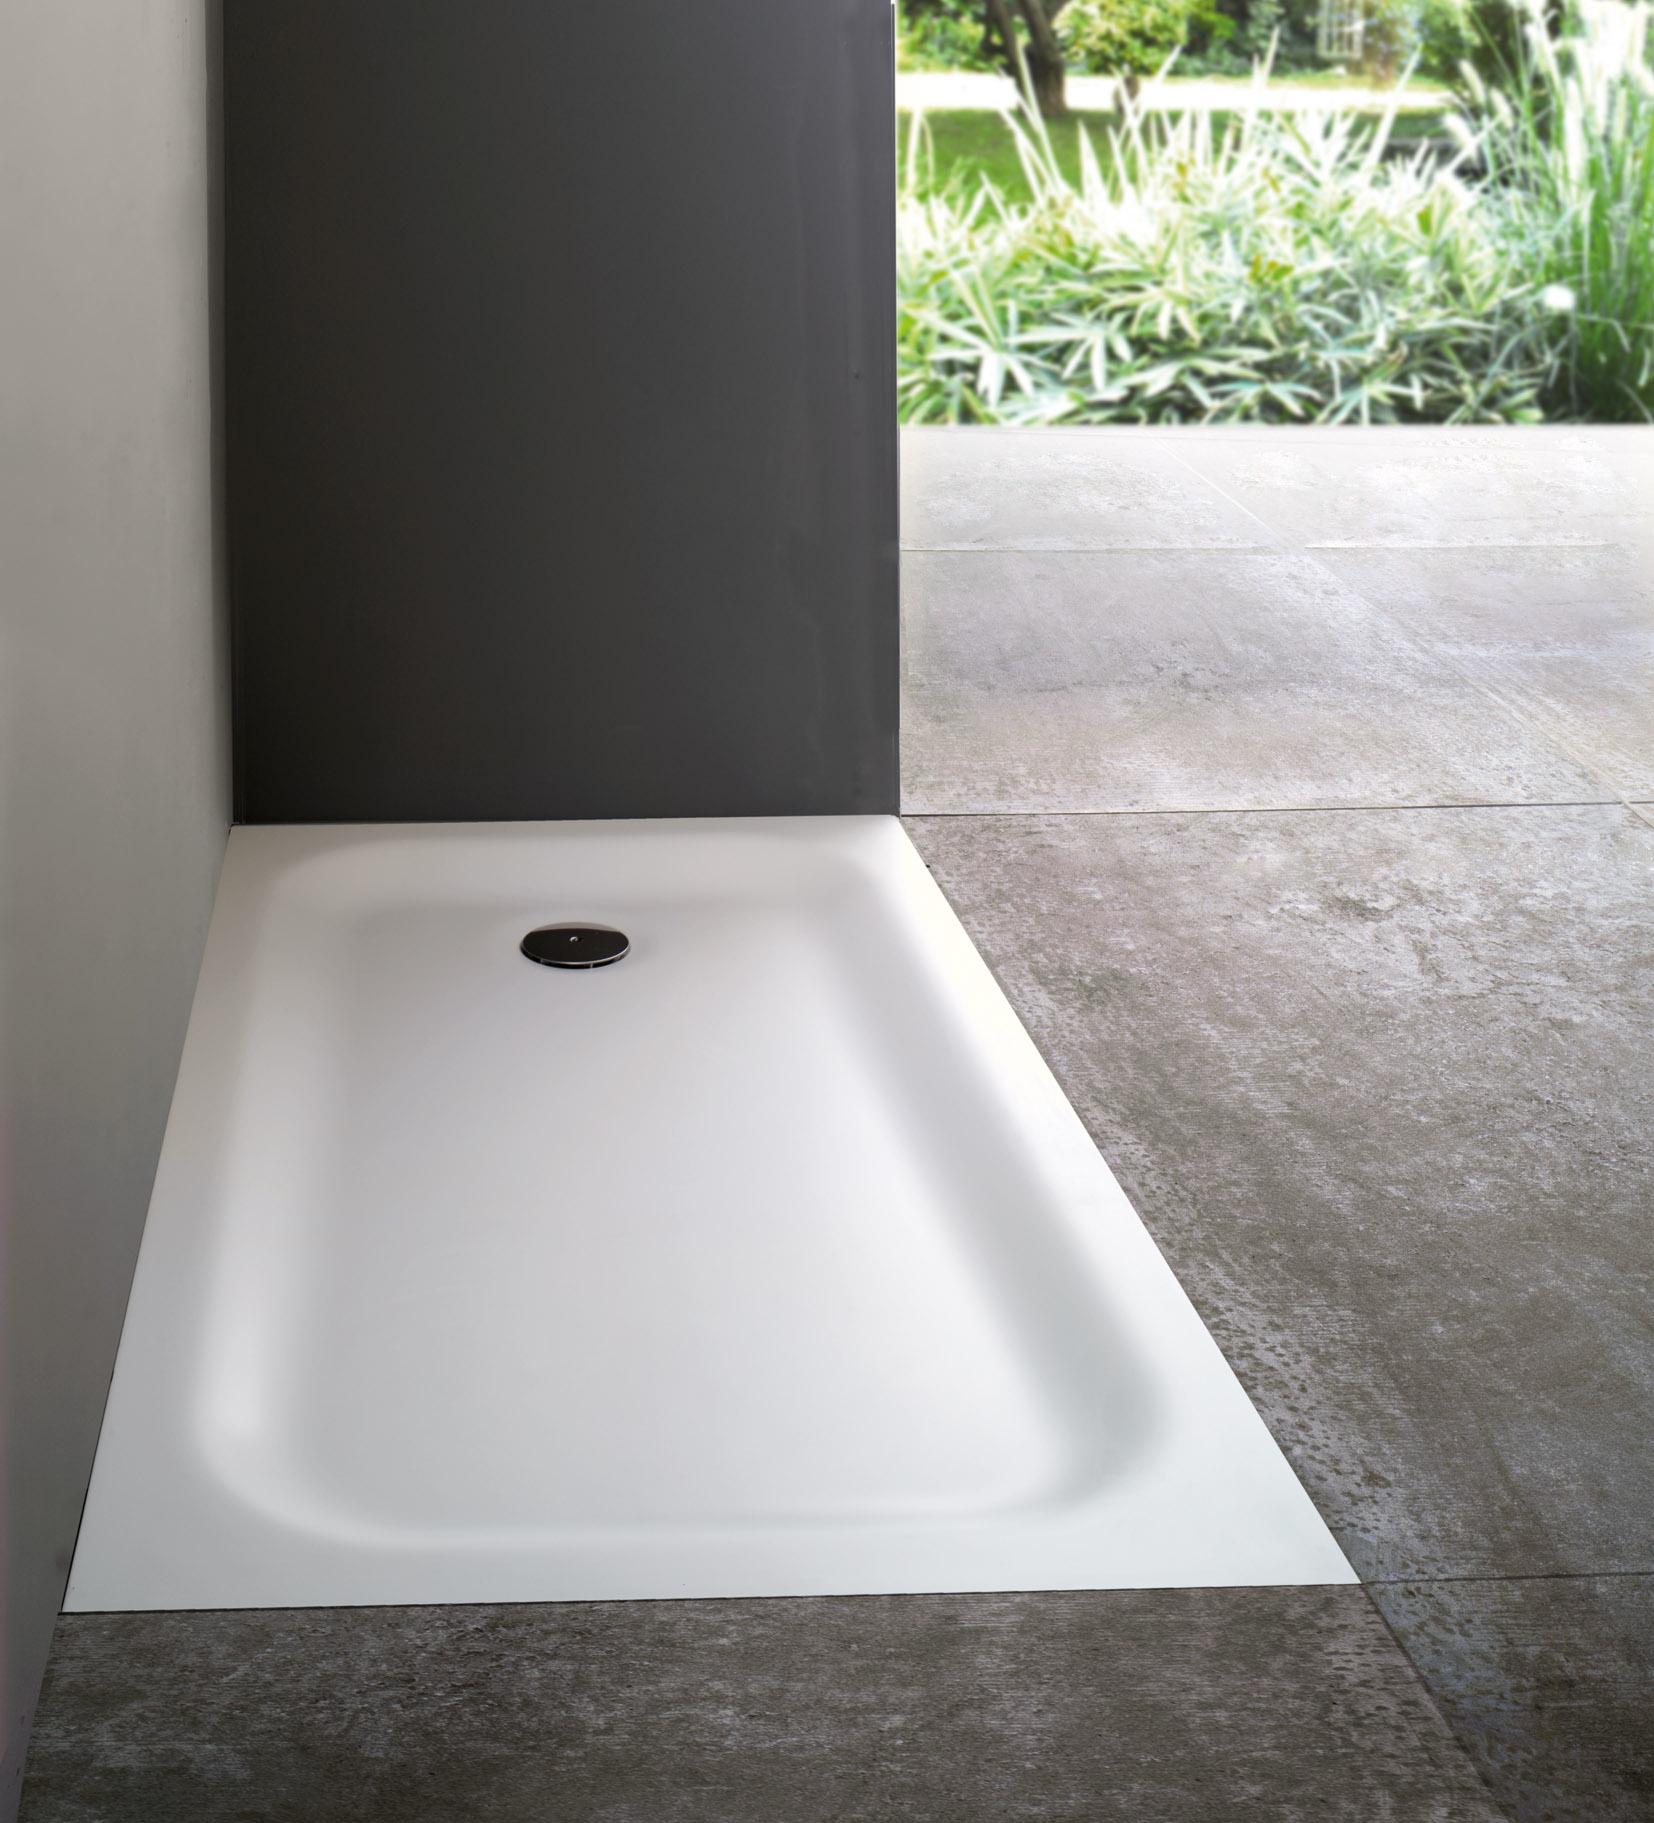 Piatti doccia joy piatto doccia joy incasso casa italia - Piatto doccia incassato nel pavimento ...